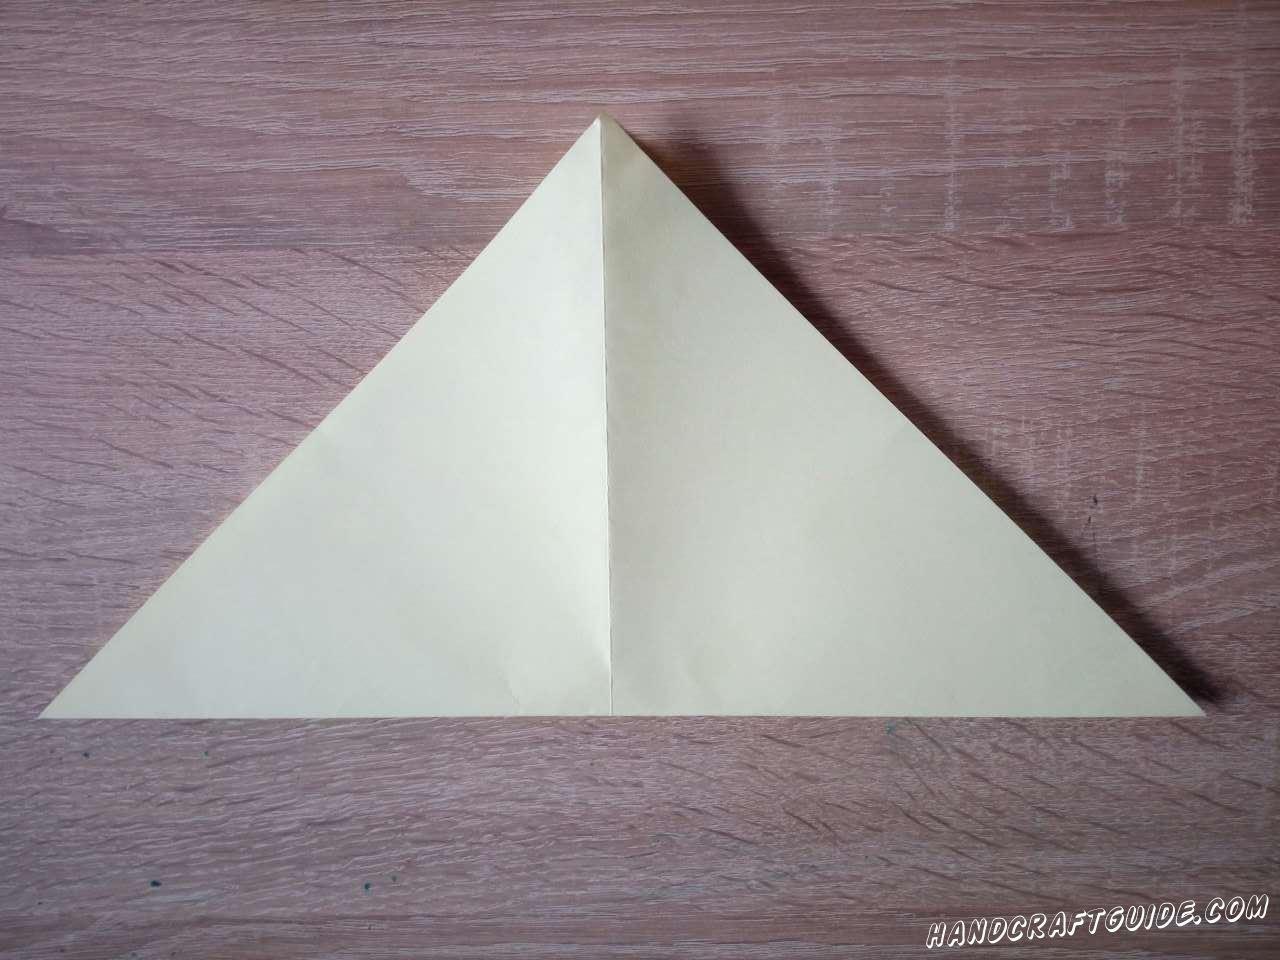 Берём светлую бумагу для оригами или вырезаем квадрат из обычной. Сгибаем в треугольник и разворачиваем Складываем снова, делая новый сгиб